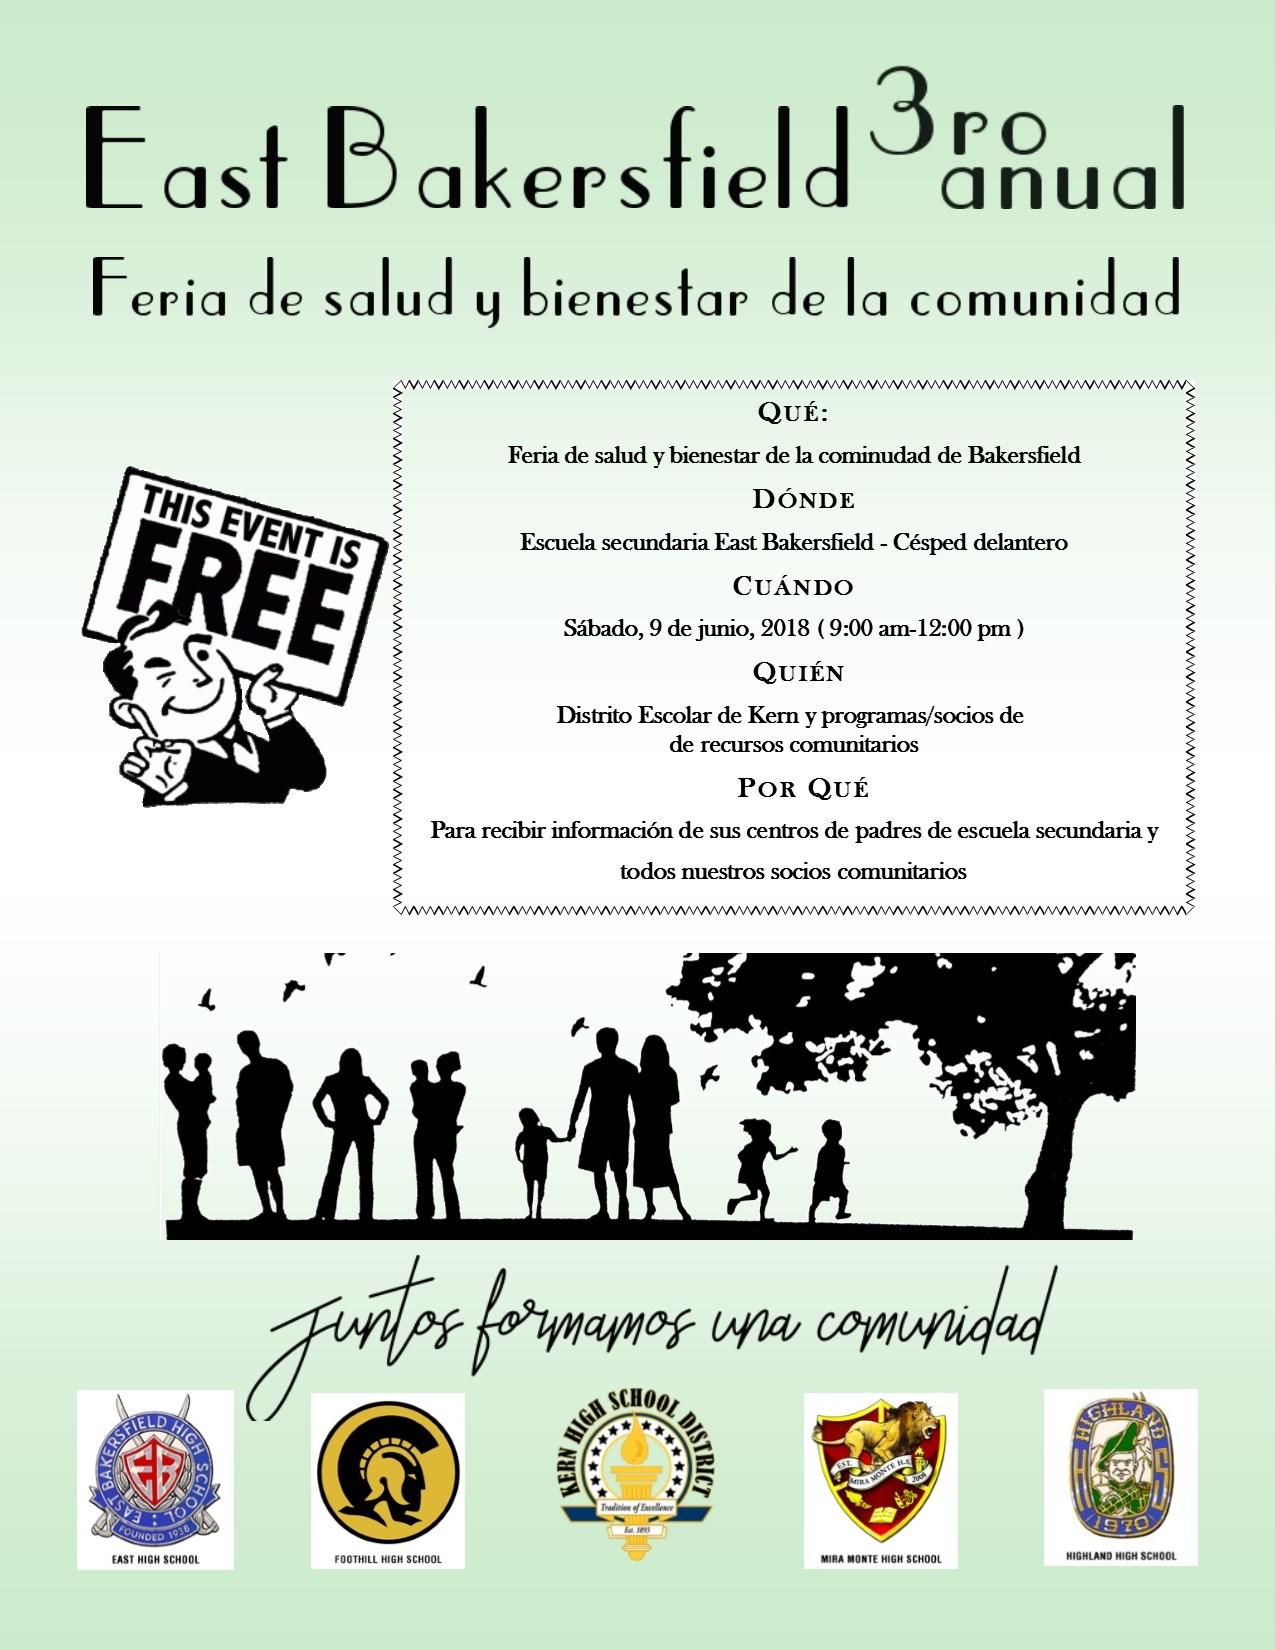 3ra Feria Anual de Salud y Bienestar de East Bakersfield